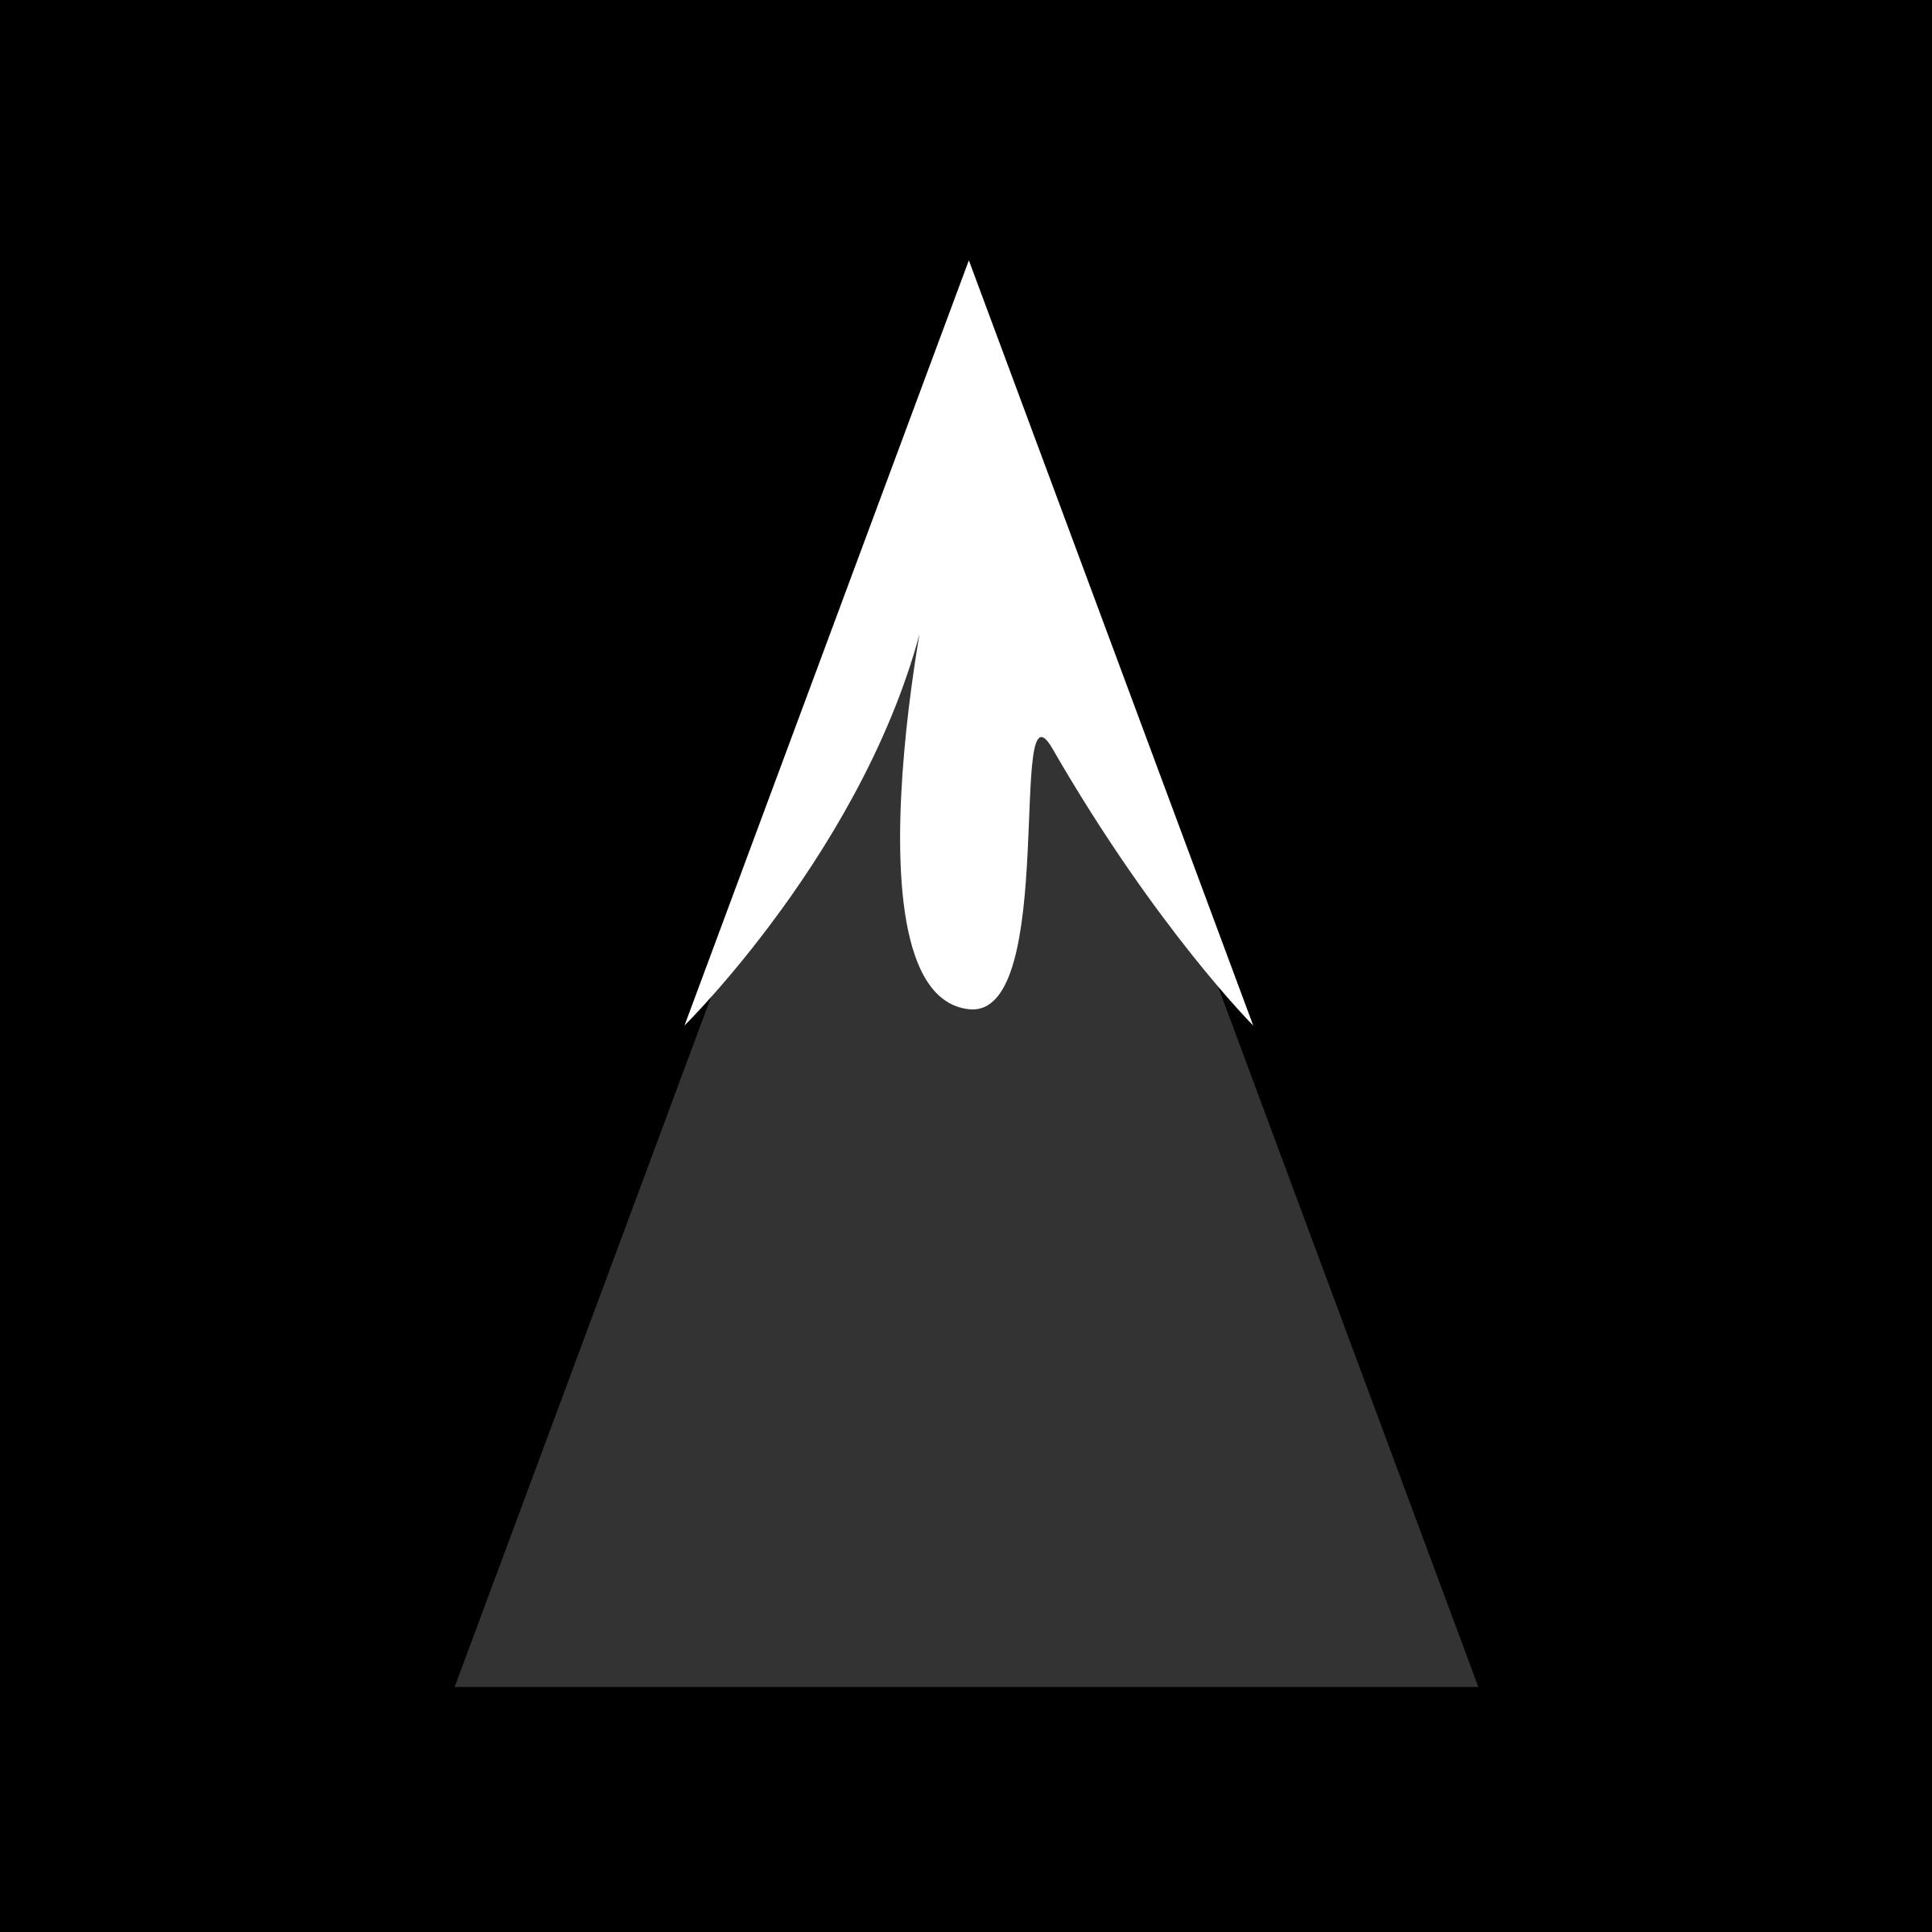 2400x2400 Free Mountain Clipart Mountains Clip Art Vector 4